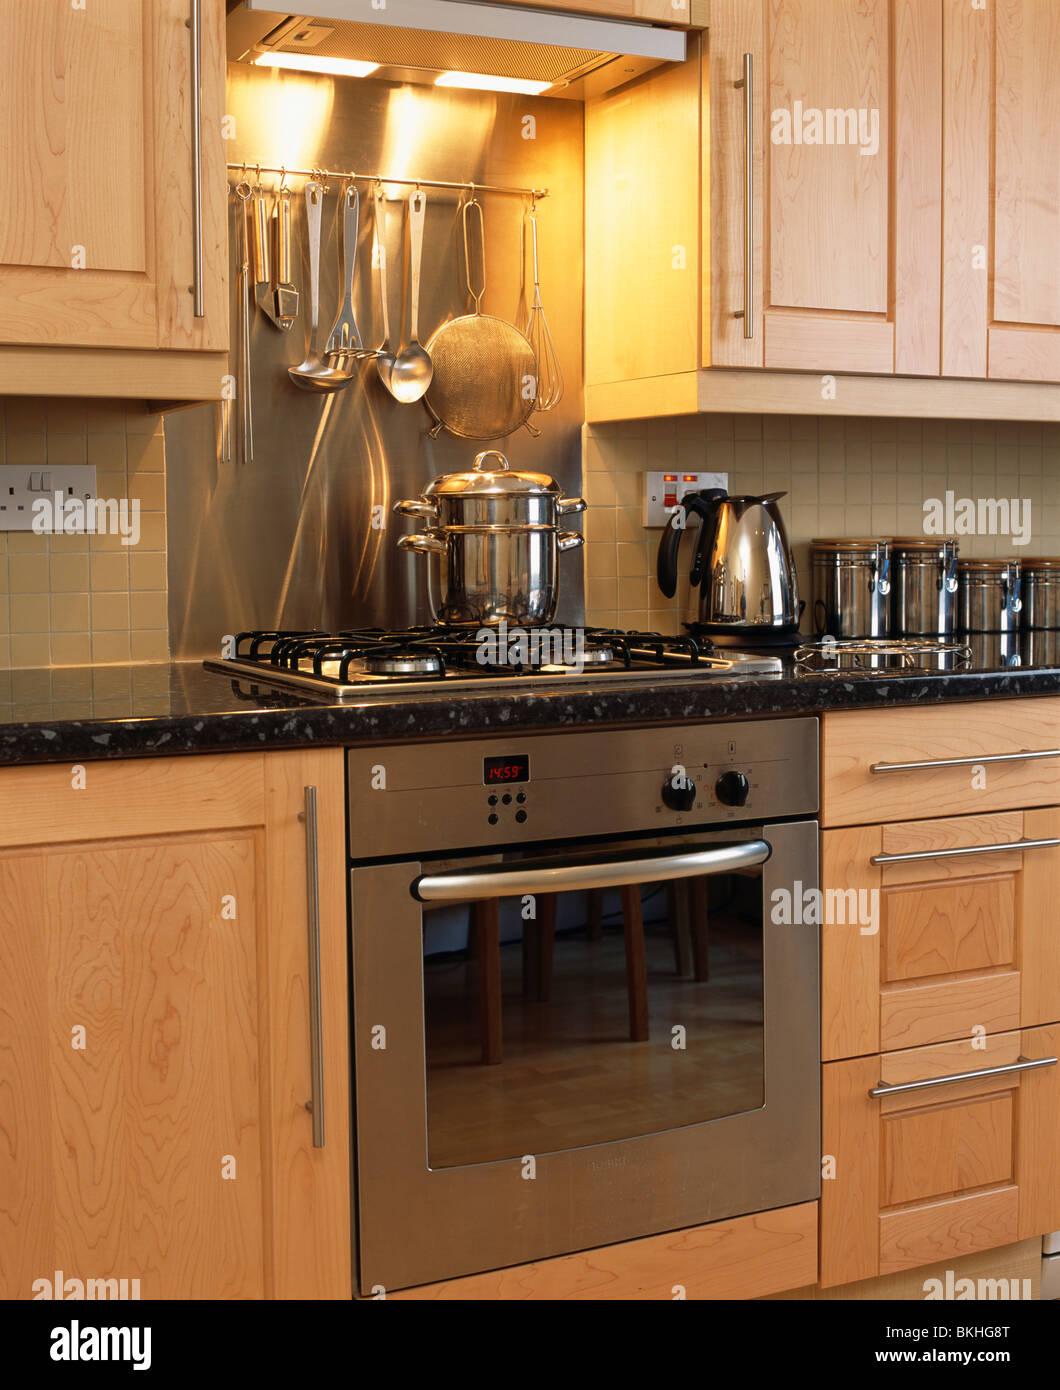 Ovens Modern Kitchen Stockfotos & Ovens Modern Kitchen Bilder ...